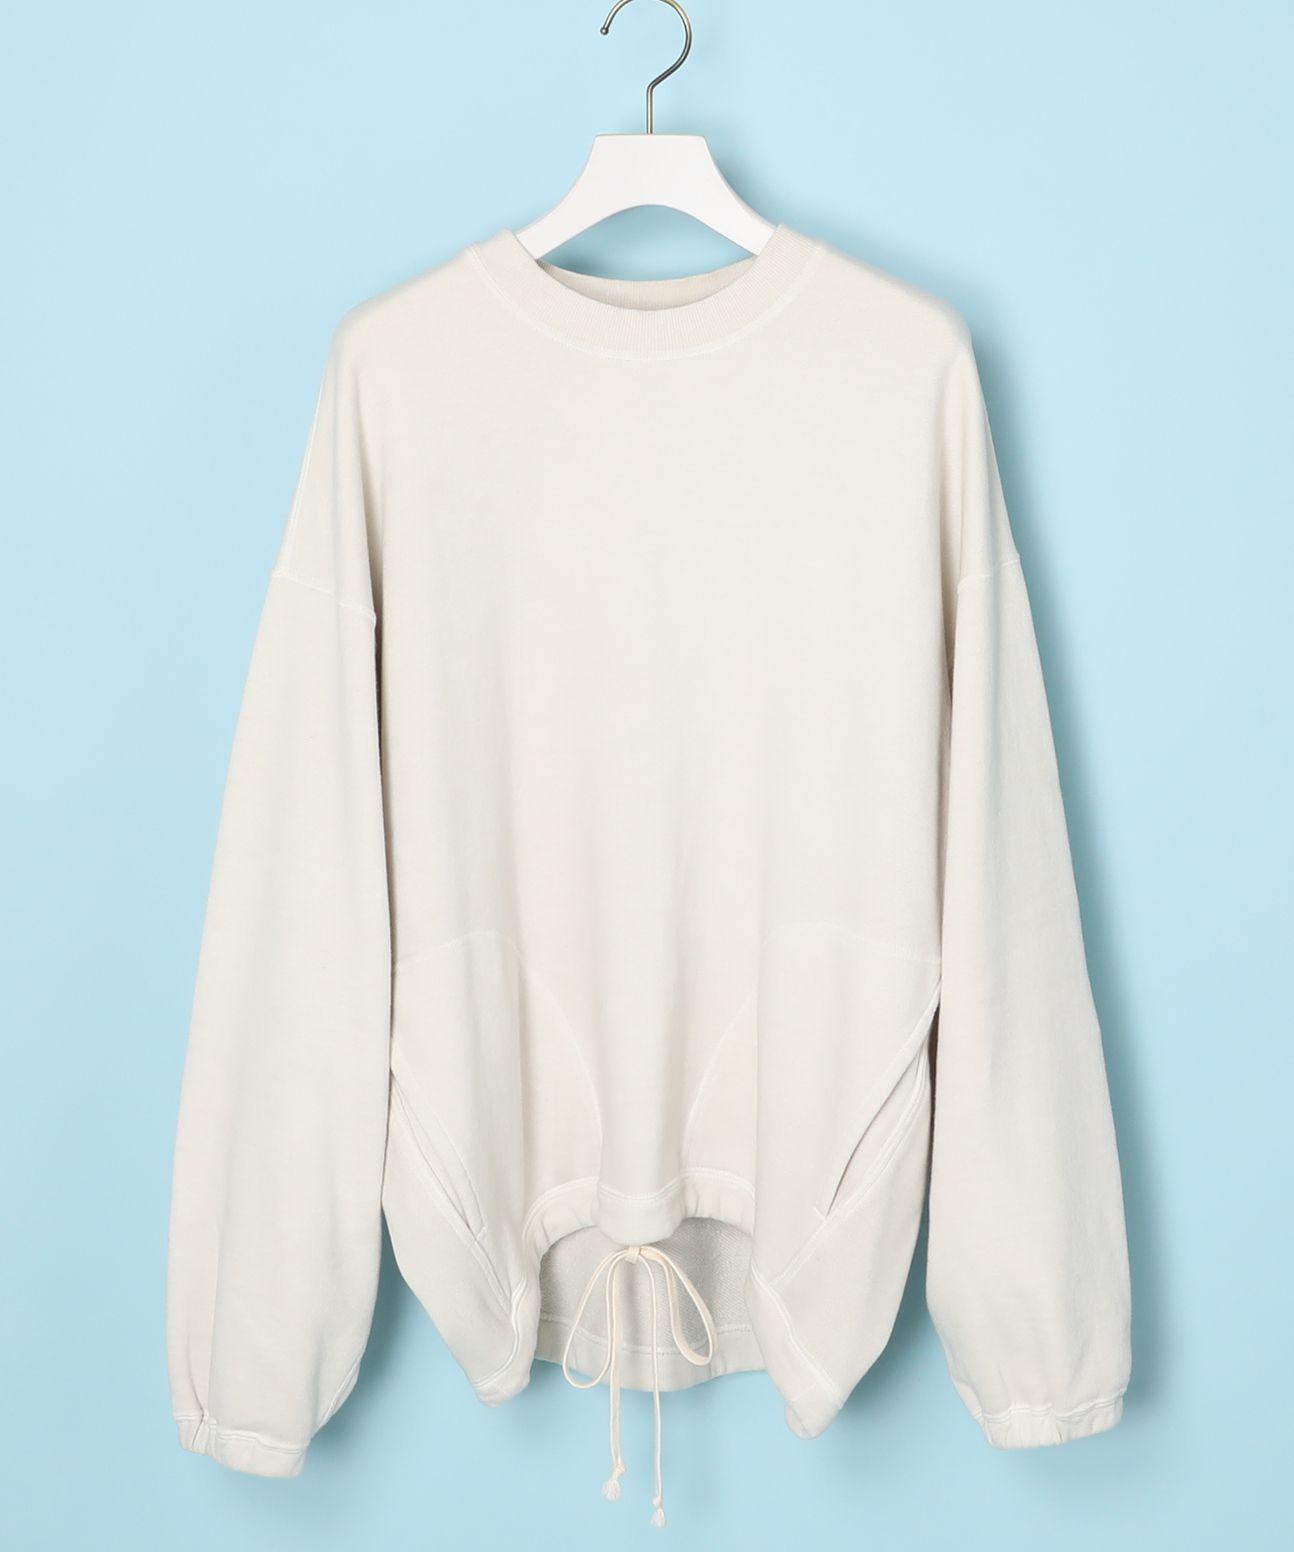 メゾンエウレカ MAISON EUREKA / スウェットシャツ Sweat Pull-over Shirt